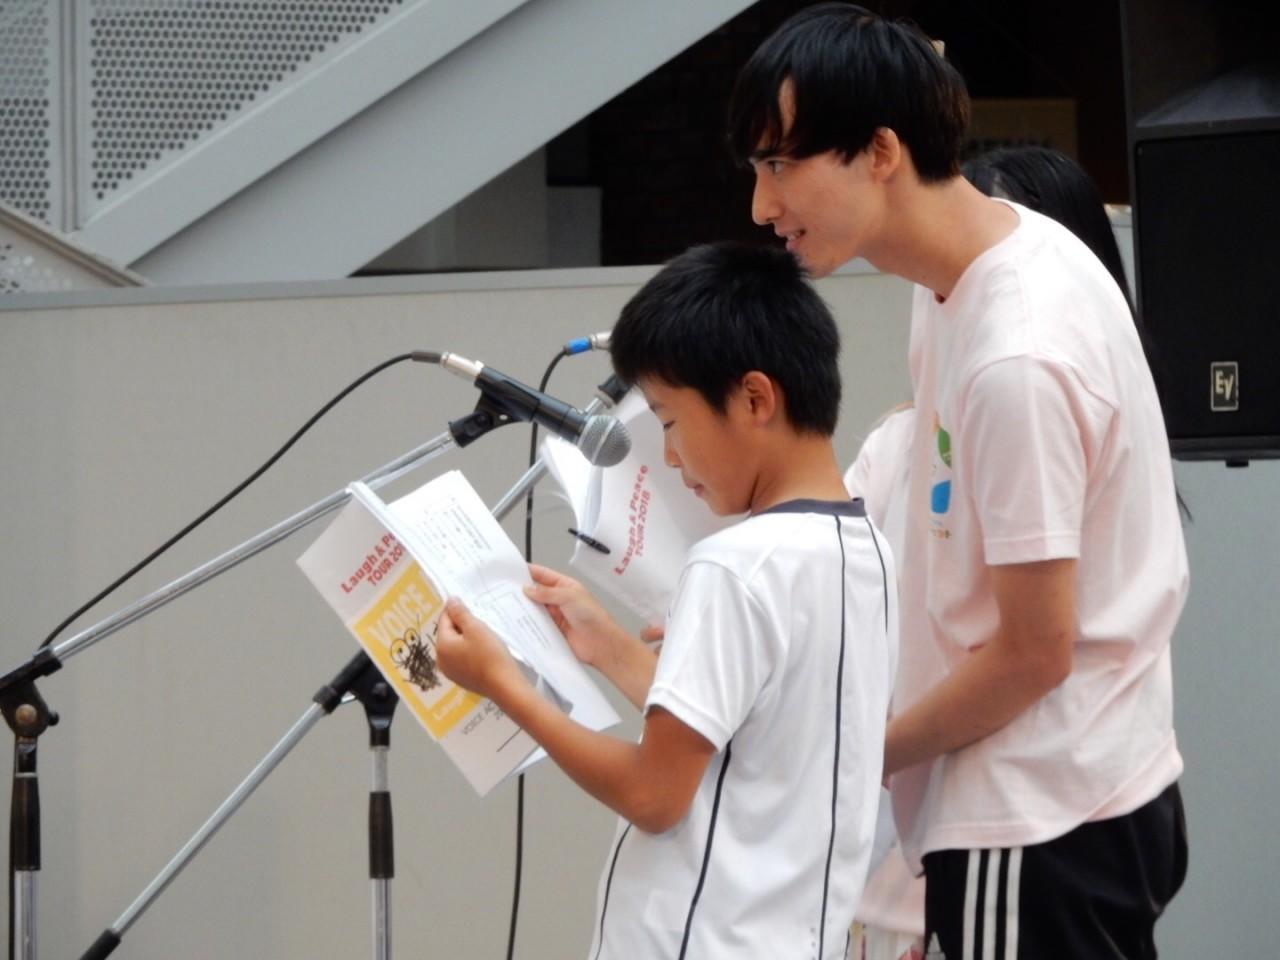 http://news.yoshimoto.co.jp/20180810114106-b302b1f4628f0a2e717468ee8d5118e024b19c47.jpg